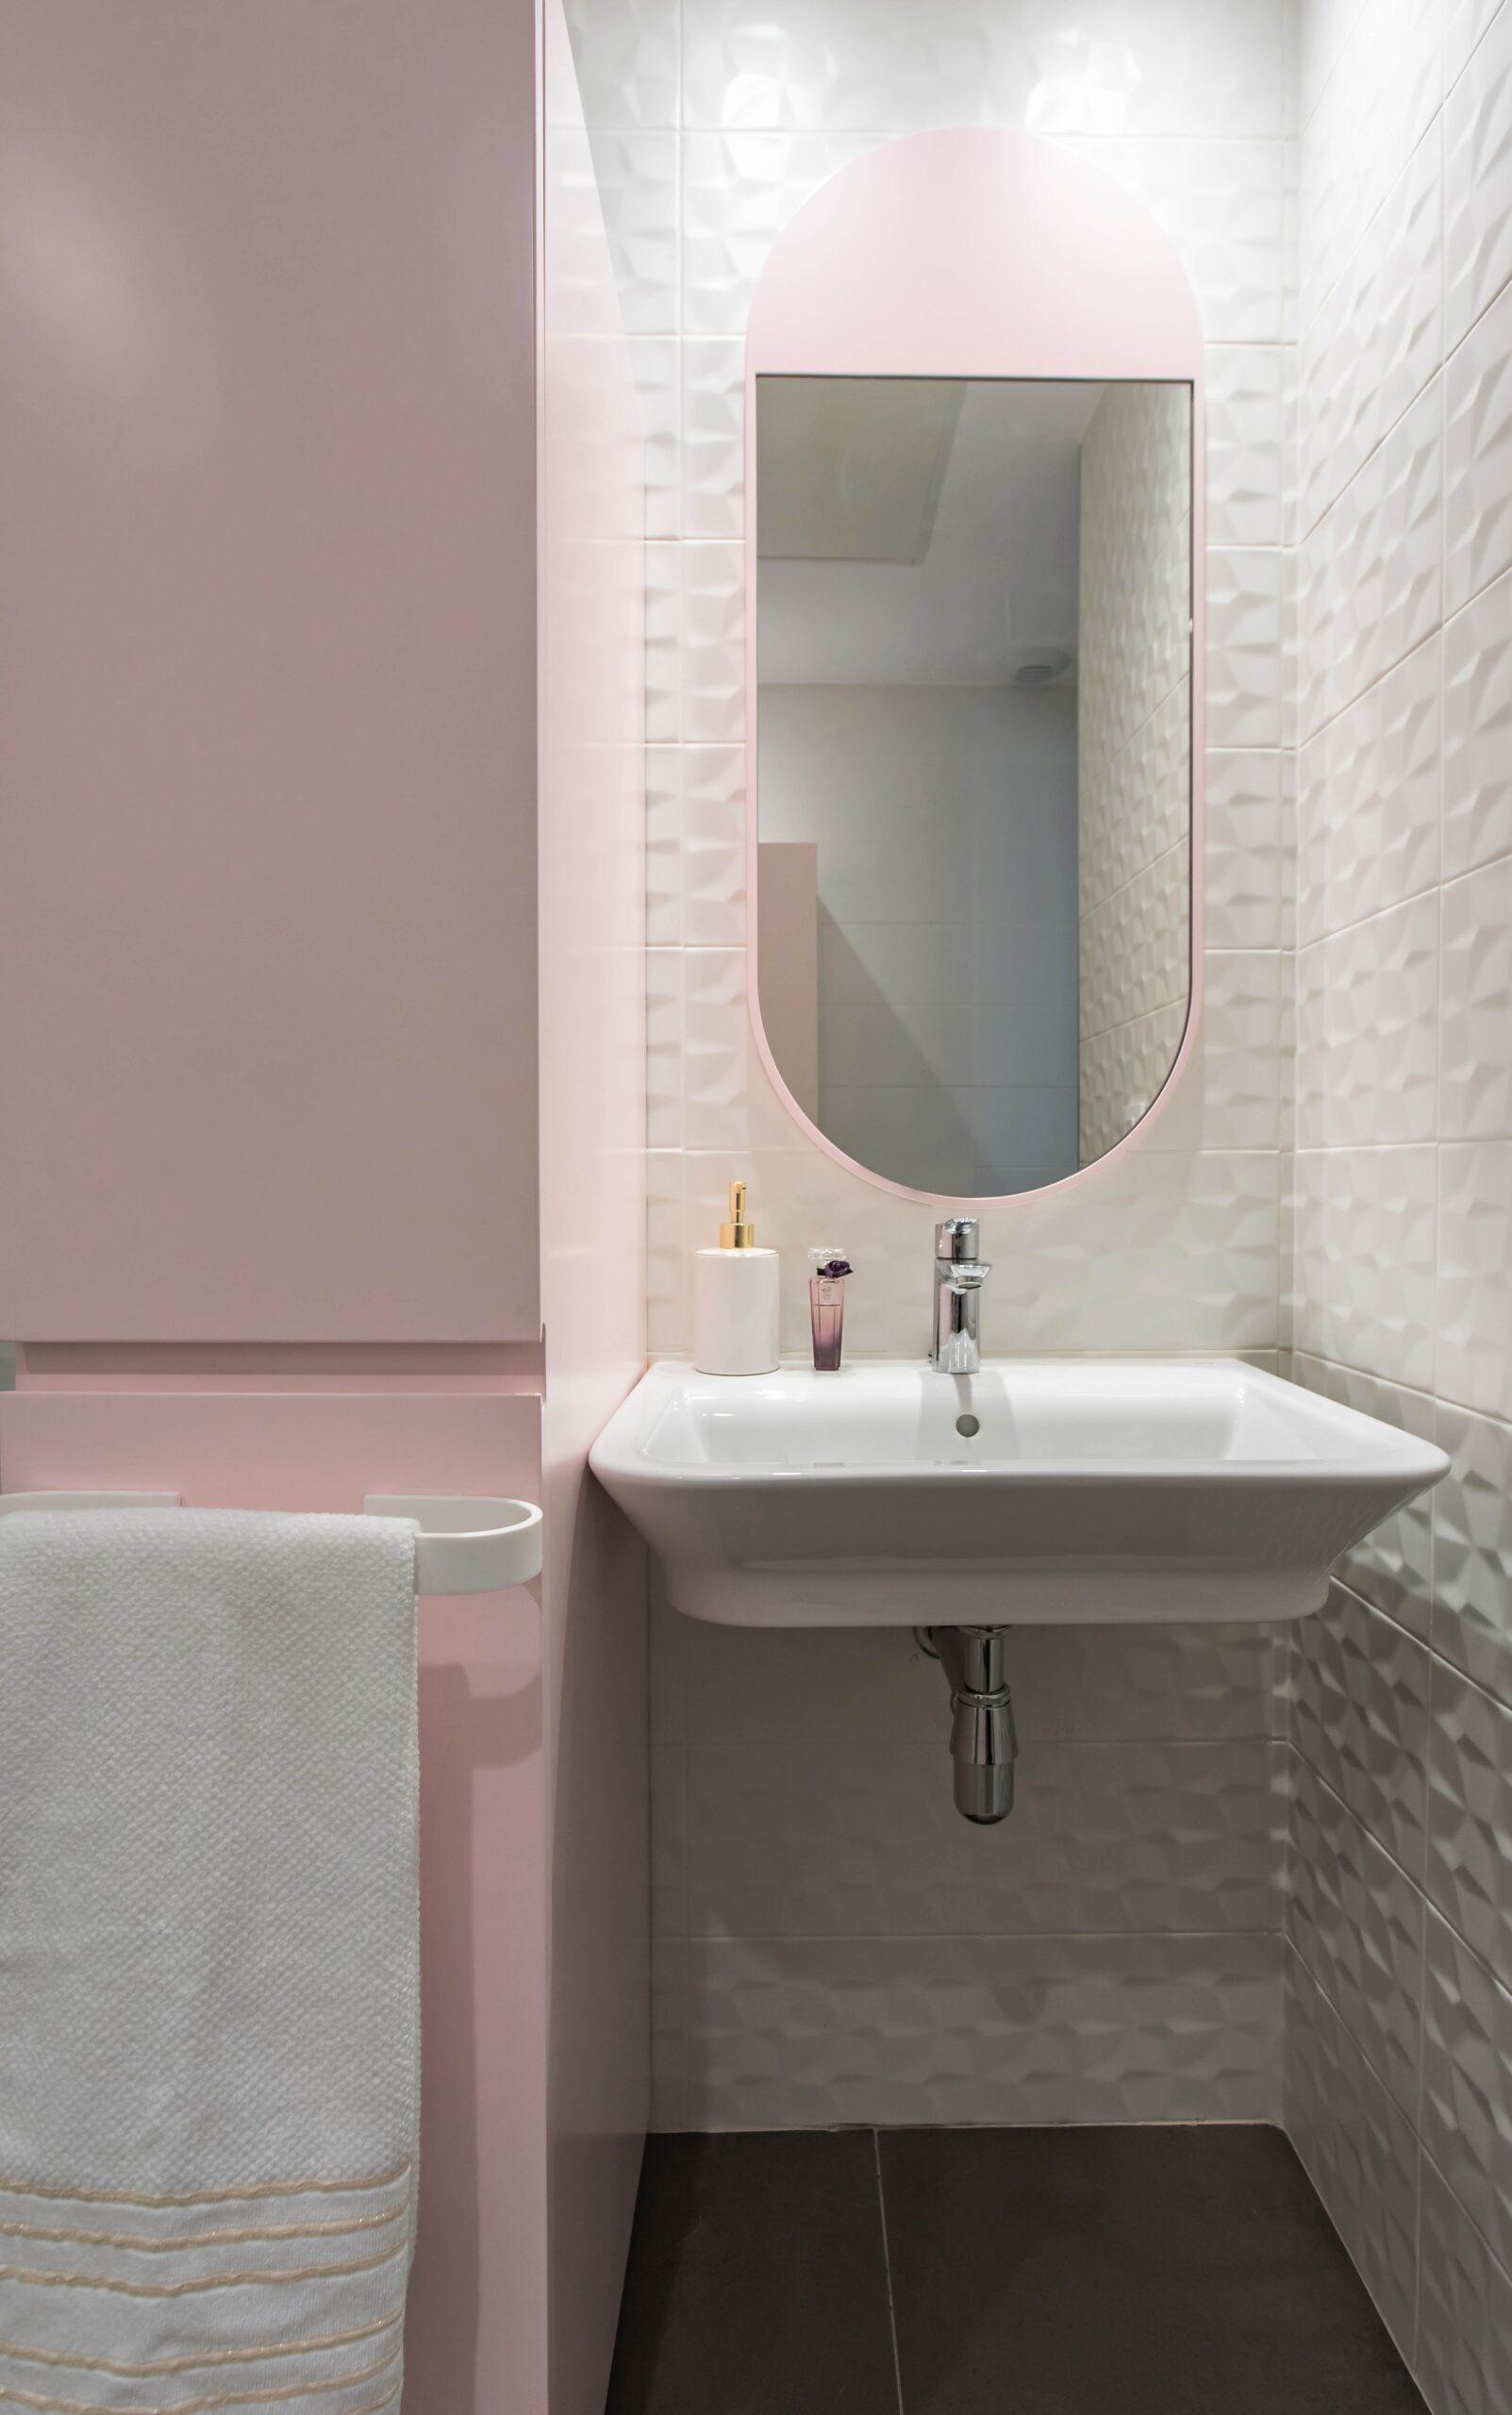 Baño principal en tonos empolvados a juego con el resto de la vivienda